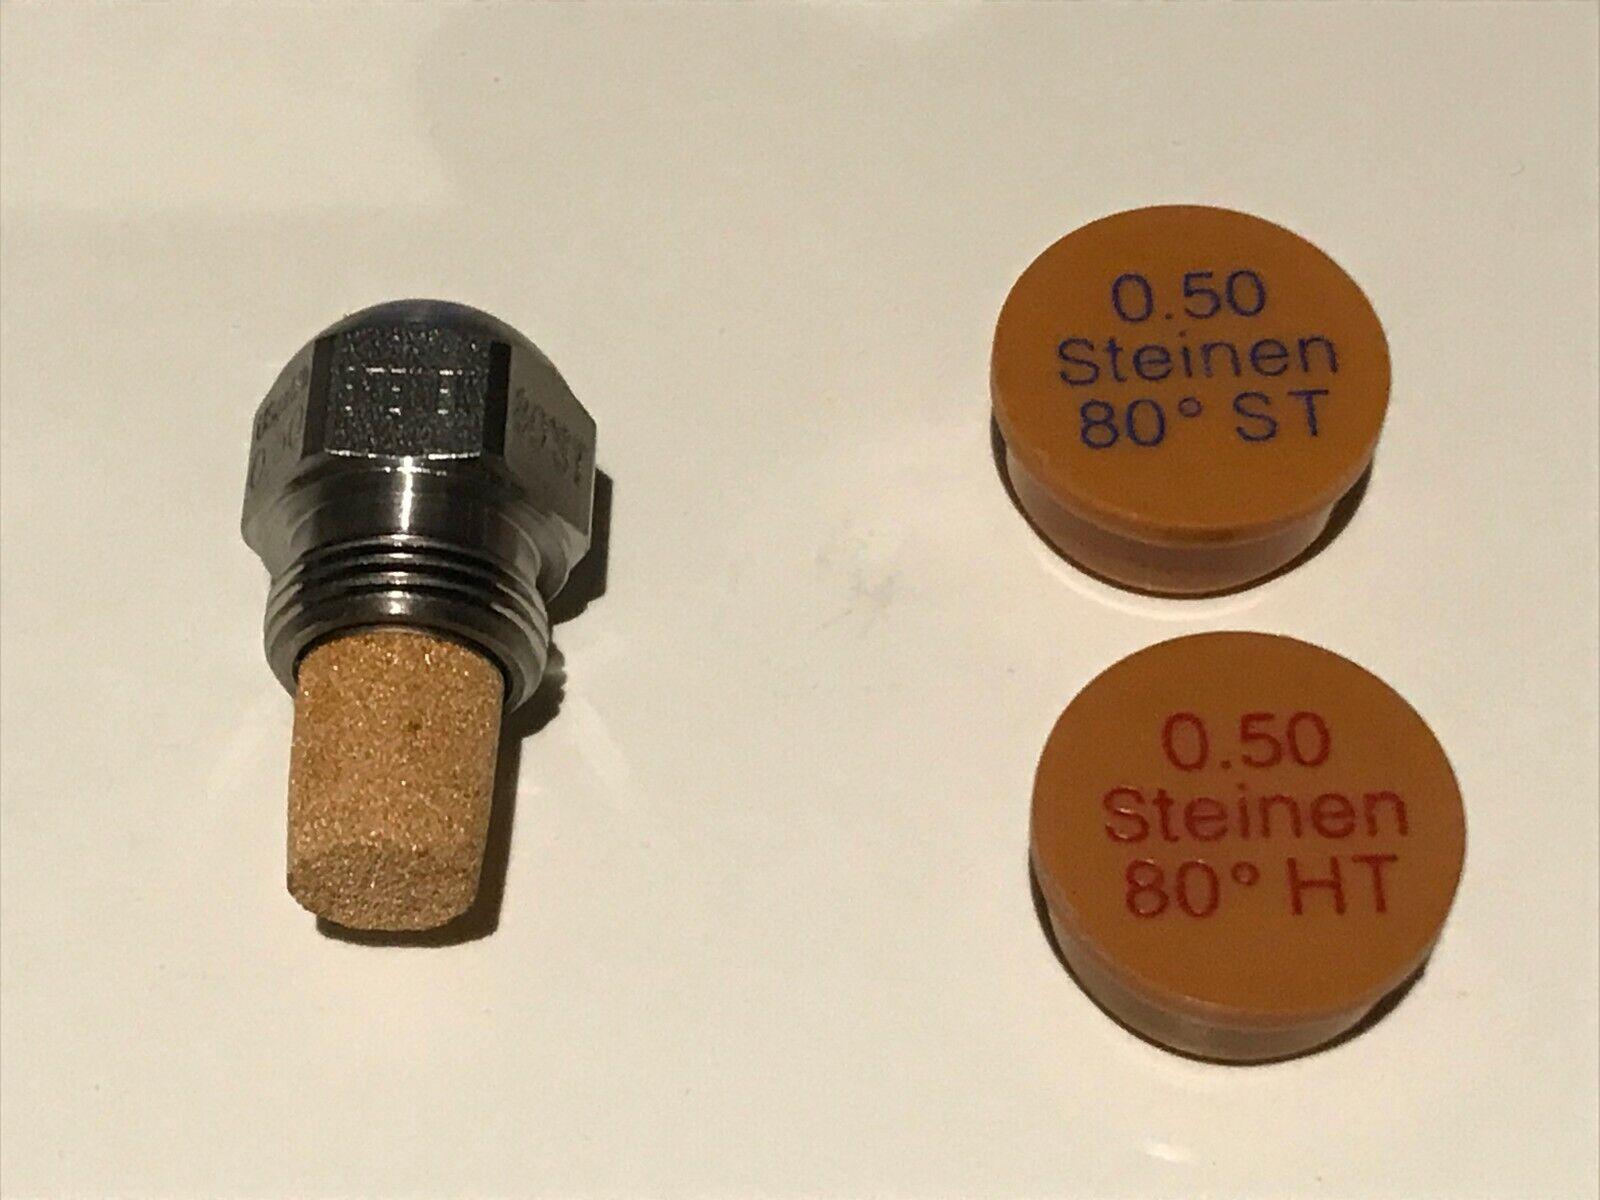 Steinen Öldüse Vollkegel S//ST  für Ölbrenner